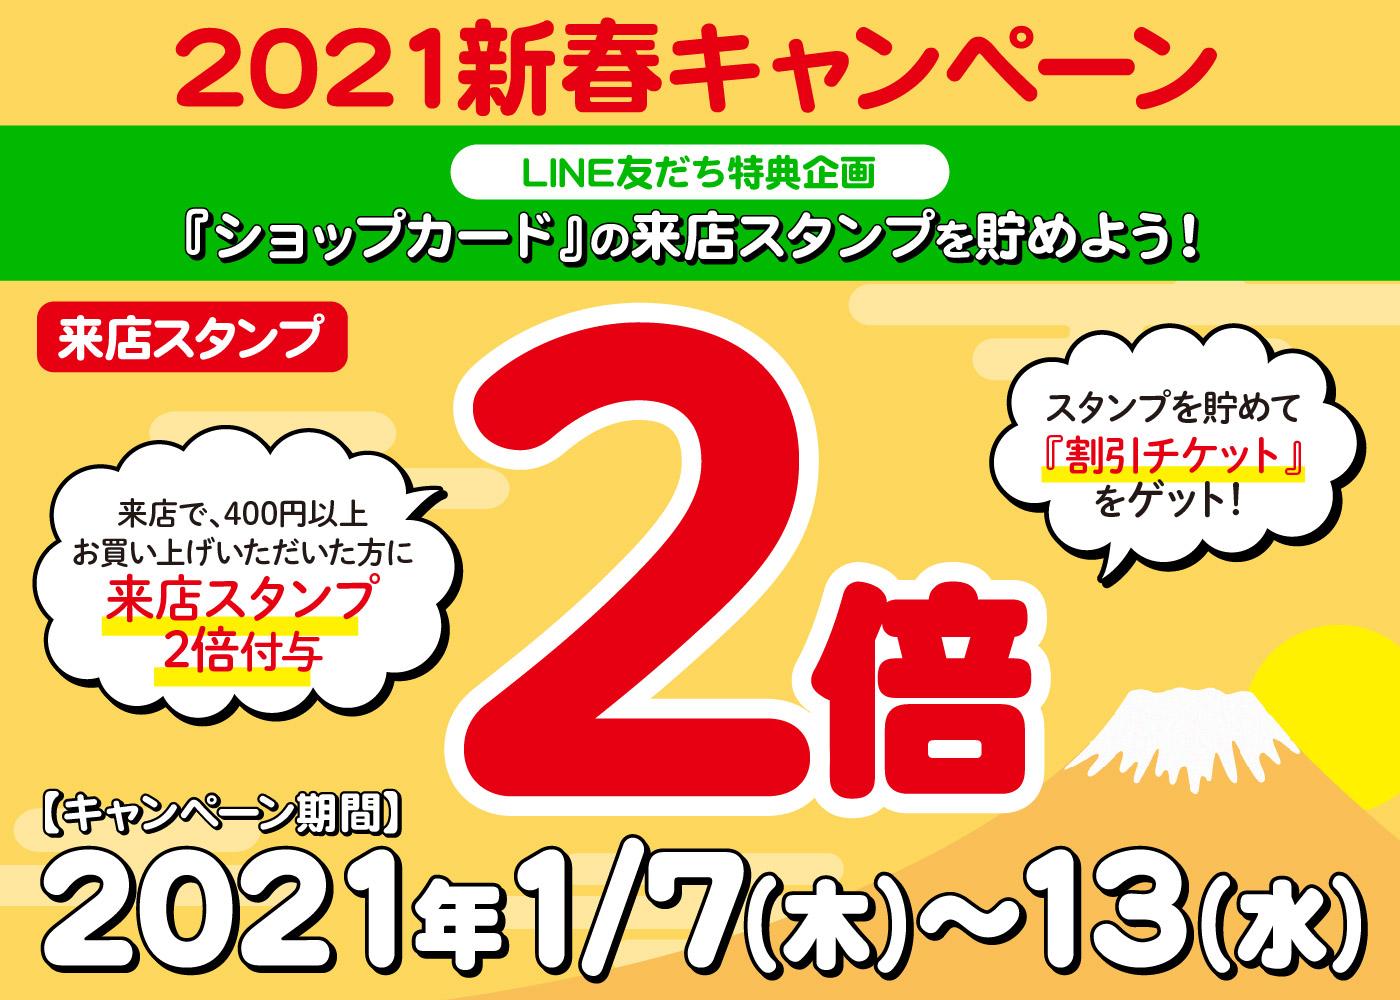 『2021新春キャンペーン(1/7~13)』のお知らせ